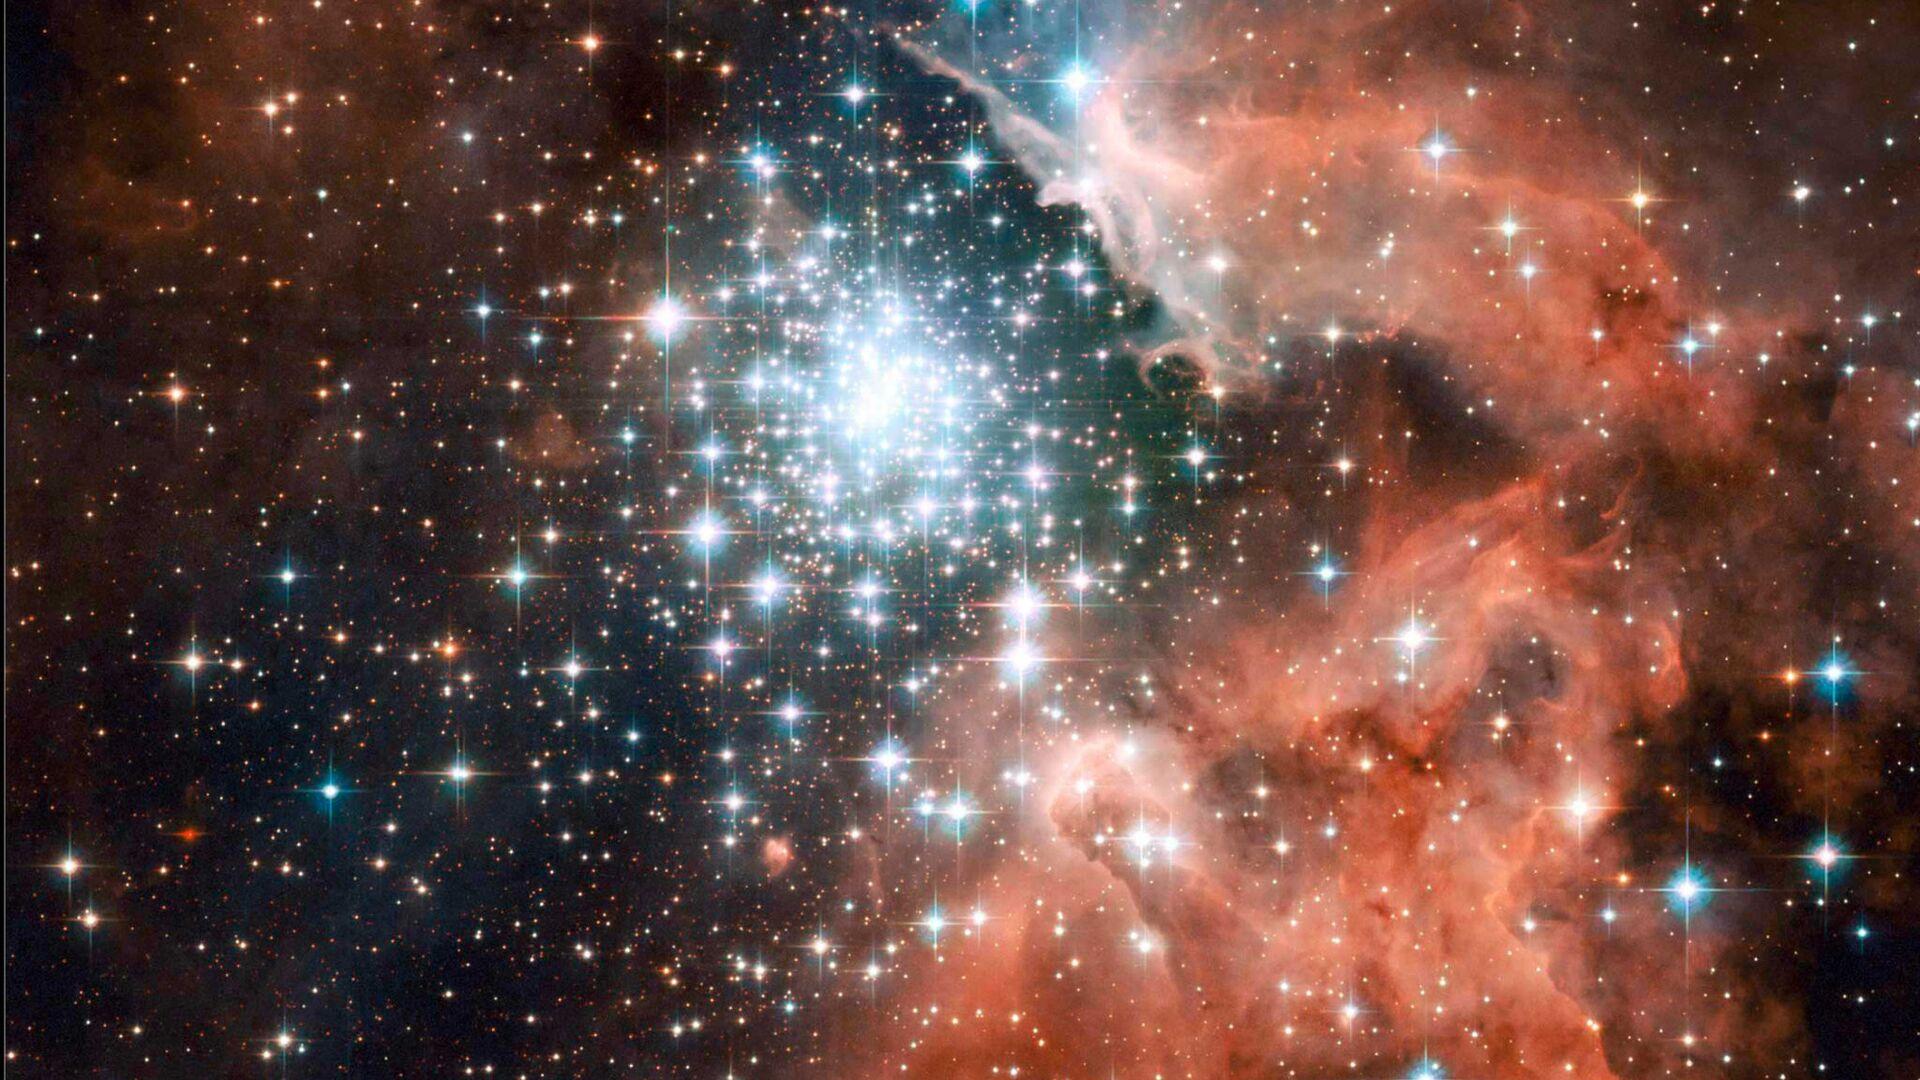 Туманность NGC 3603 в спиральном рукаве Киля нашей Галактики - Sputnik Česká republika, 1920, 27.04.2021